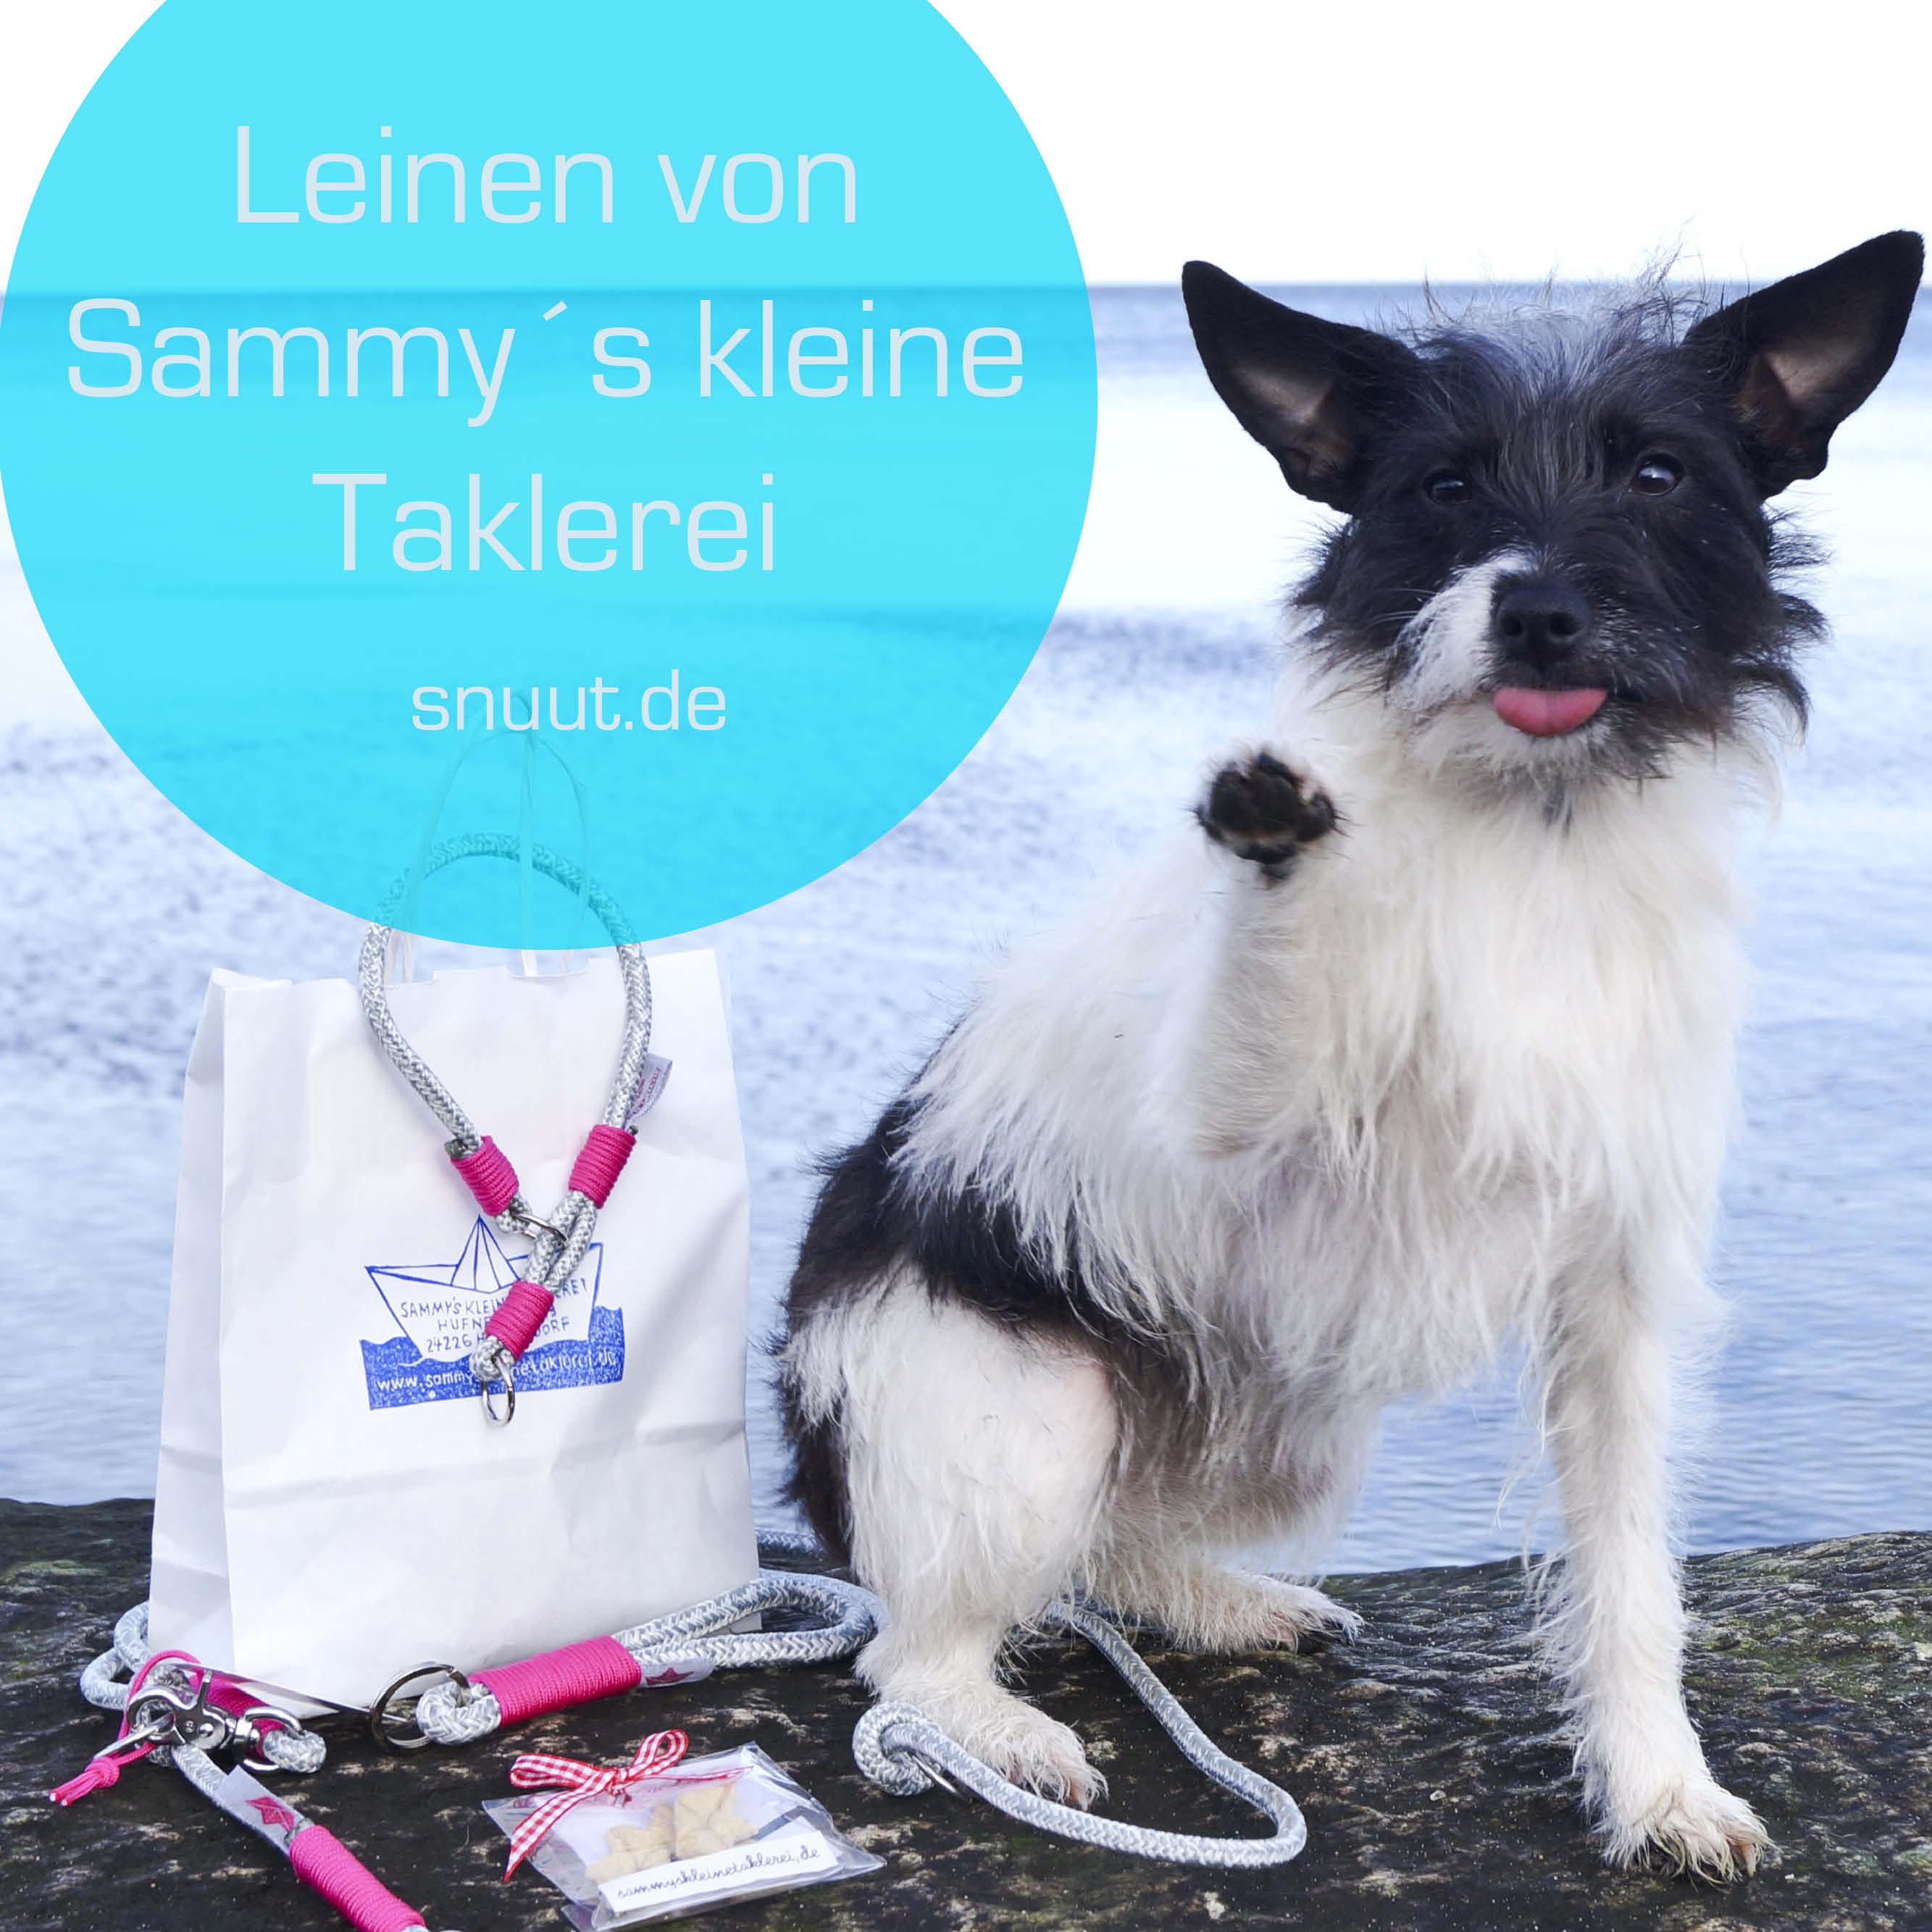 leinen-von-sammy Taklerei